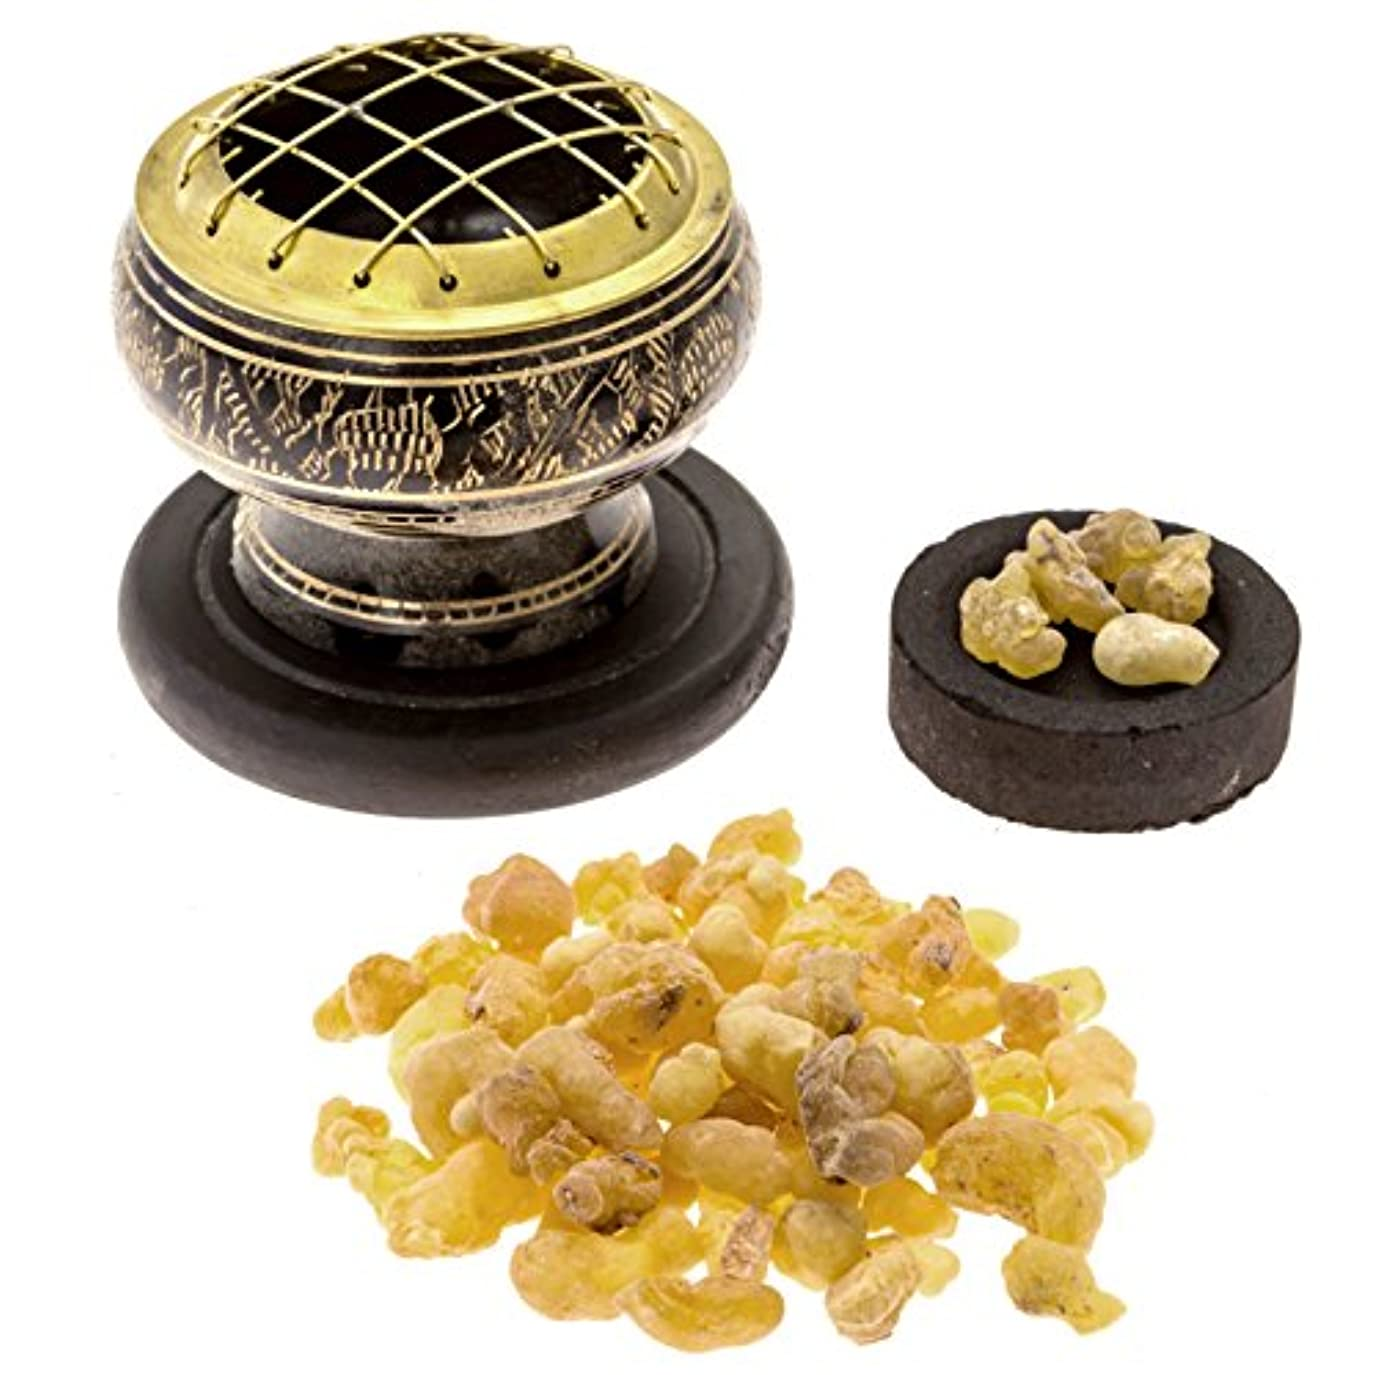 限り想定する料理をするプレミアムFrankincense Burningキット( withチベット香炉または真鍮画面Burner ) (真鍮Burner )